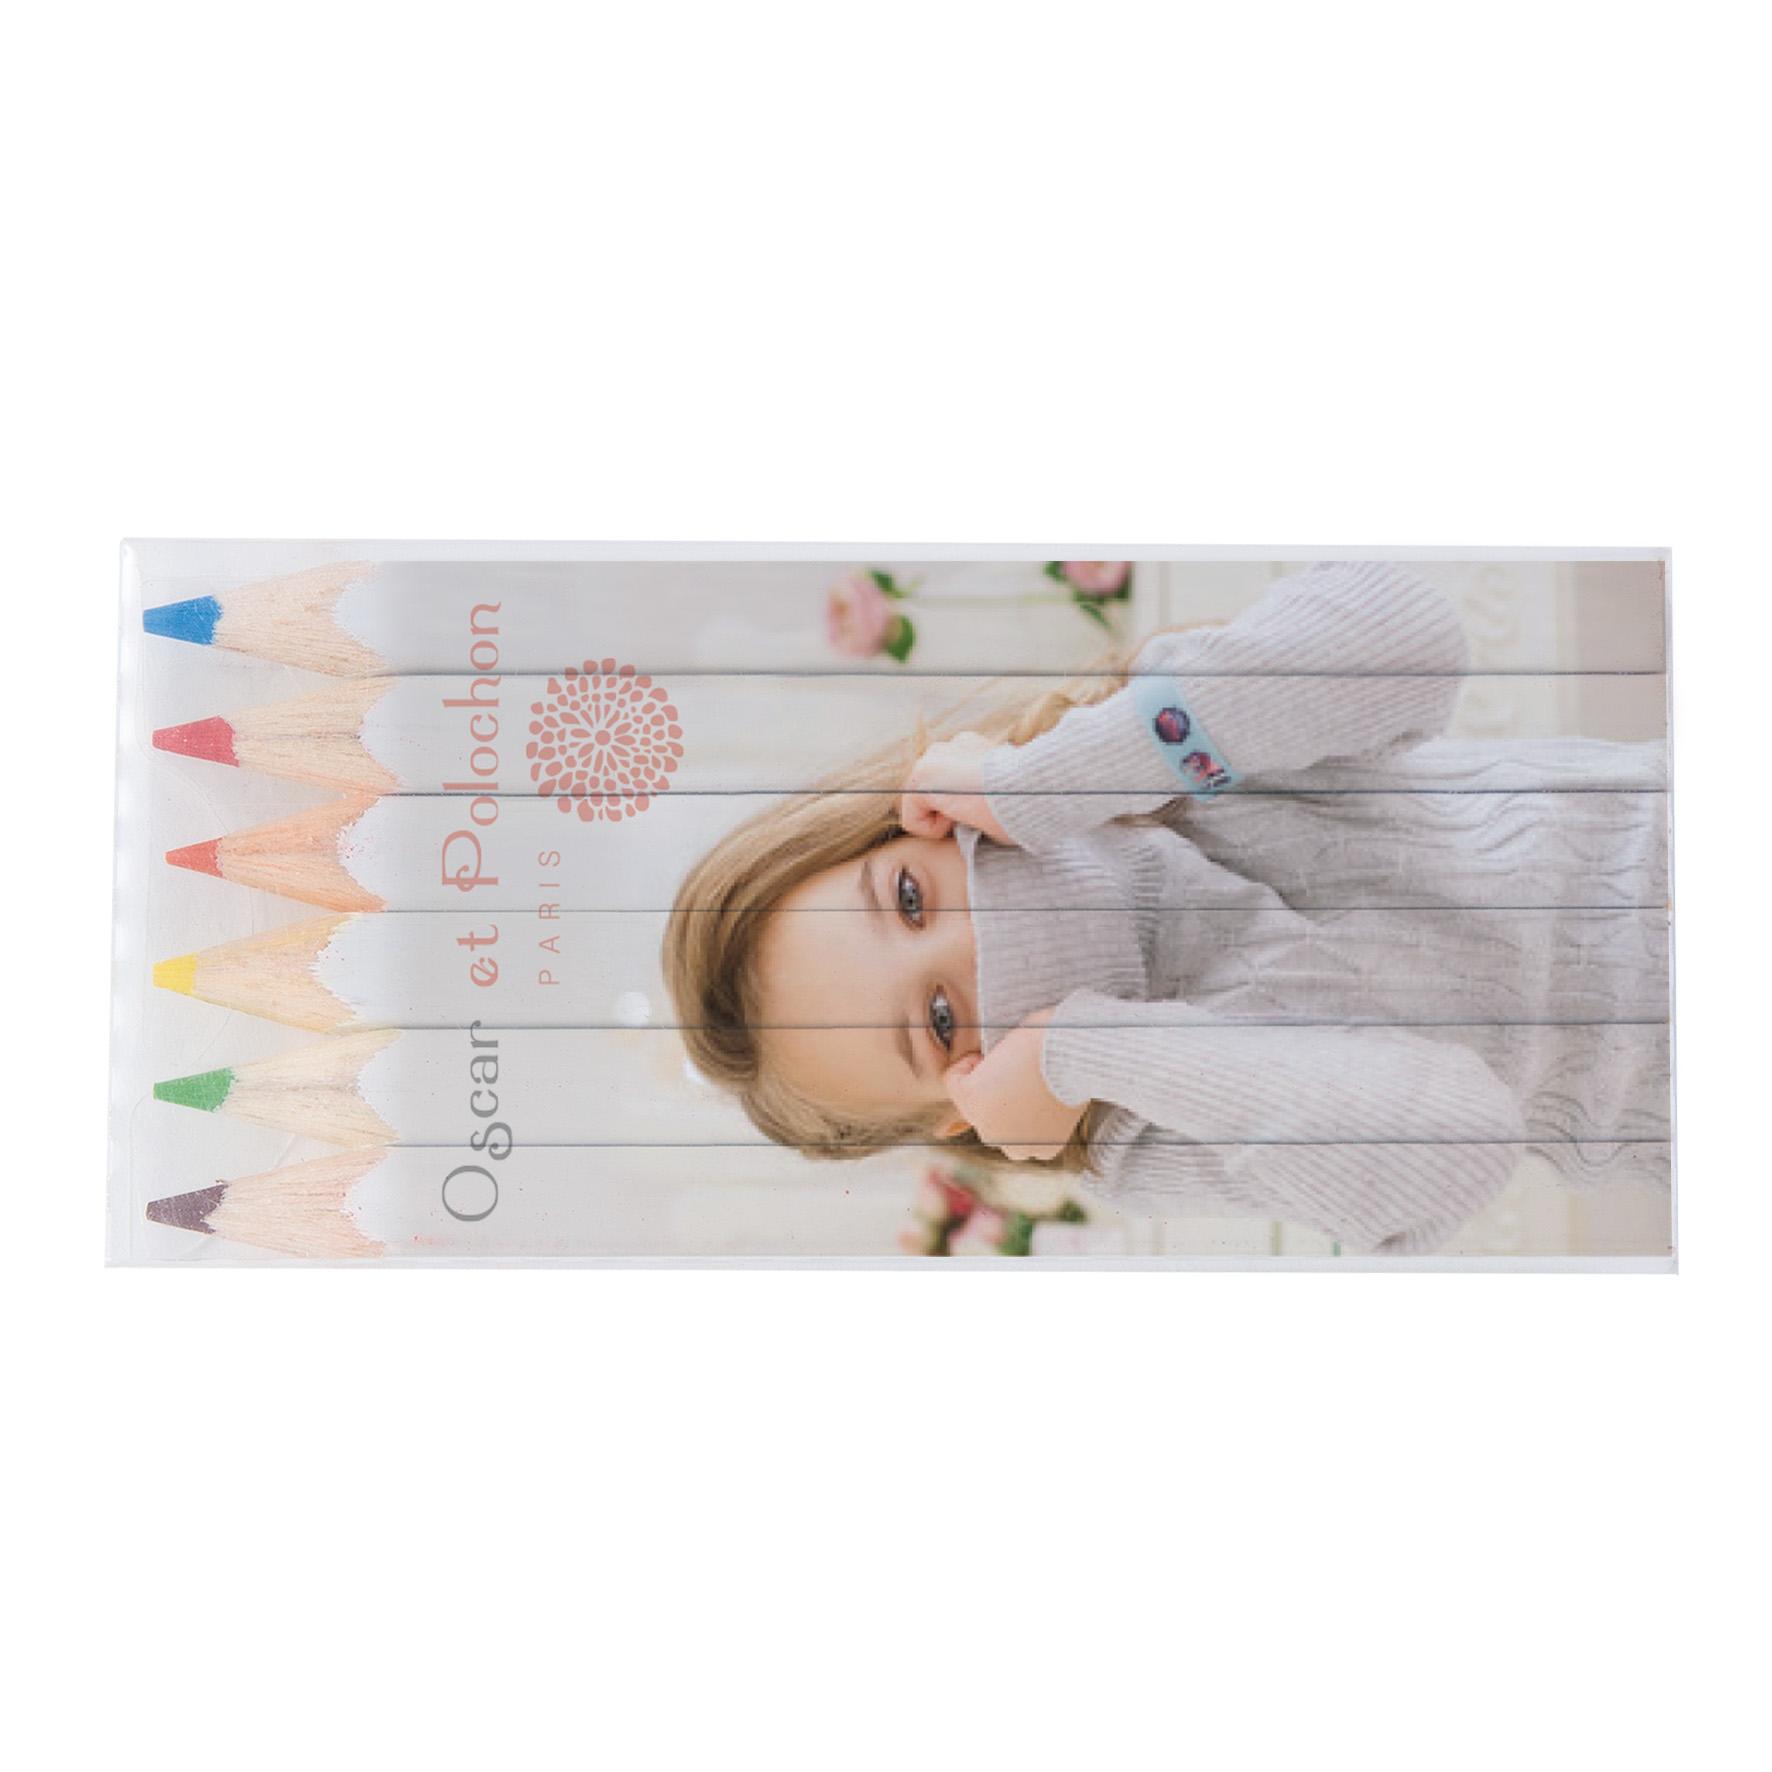 SET QUADRI 6 COUL 8,7 cm Fashion Goodiz goodies objet personnalisé cadeaux d affaire objets publicitaires